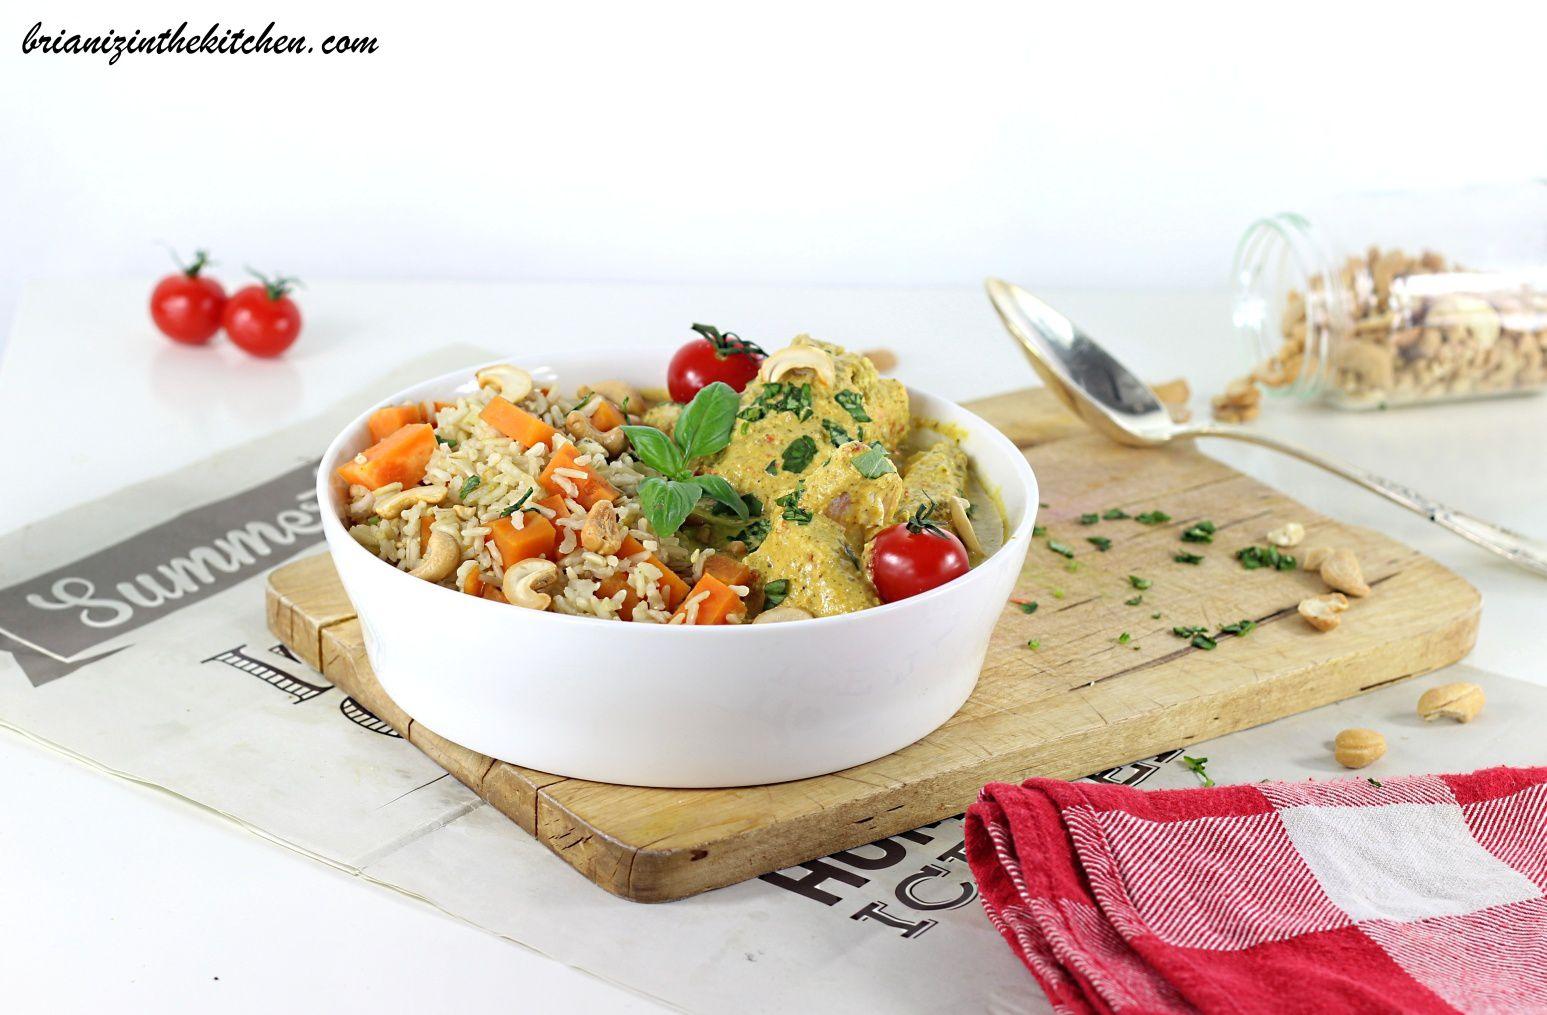 Curry de Saumon aux Saveurs Printanières